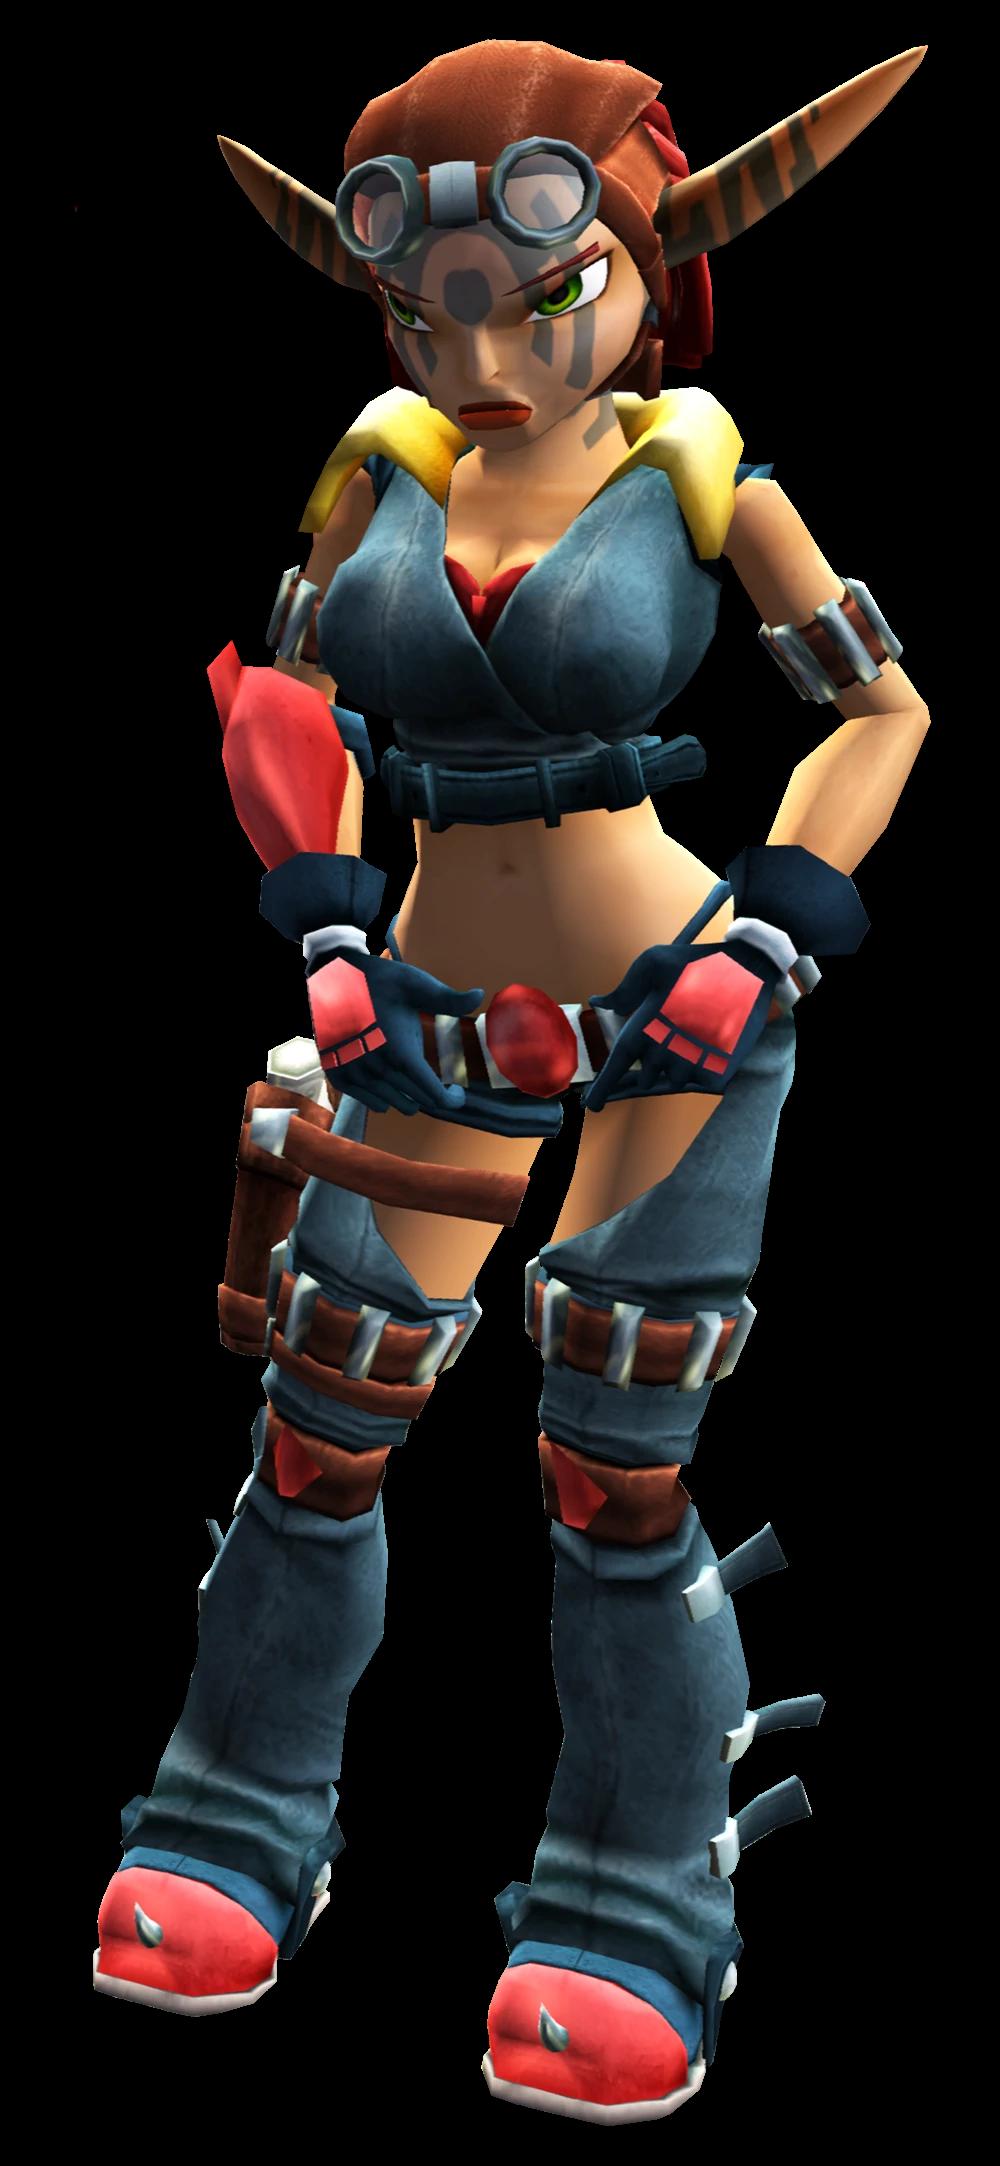 Jak Jak And Daxter Wiki Fandom In 2021 Jak Daxter Dark Warrior Playable Character